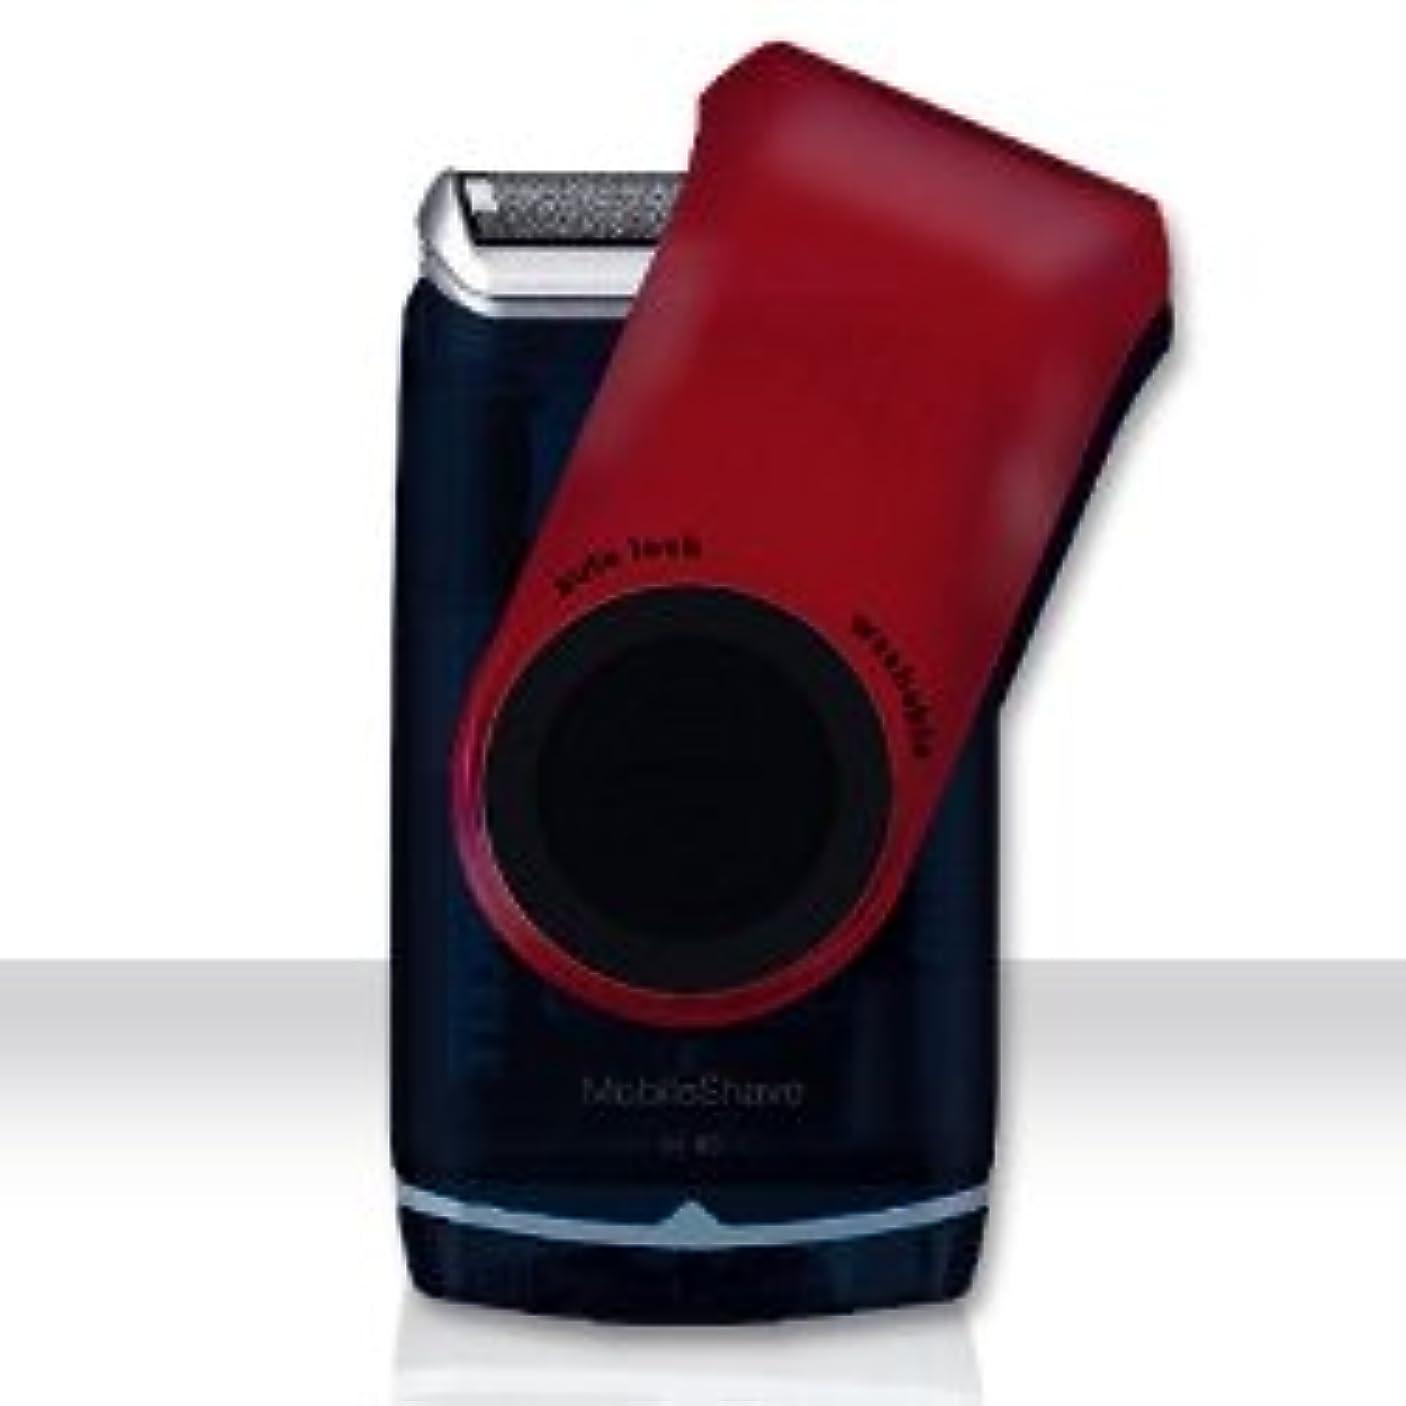 キャンセル僕の実質的ブラウン モバイル ポケット シェーバー M60 赤 電池式 並行輸入品